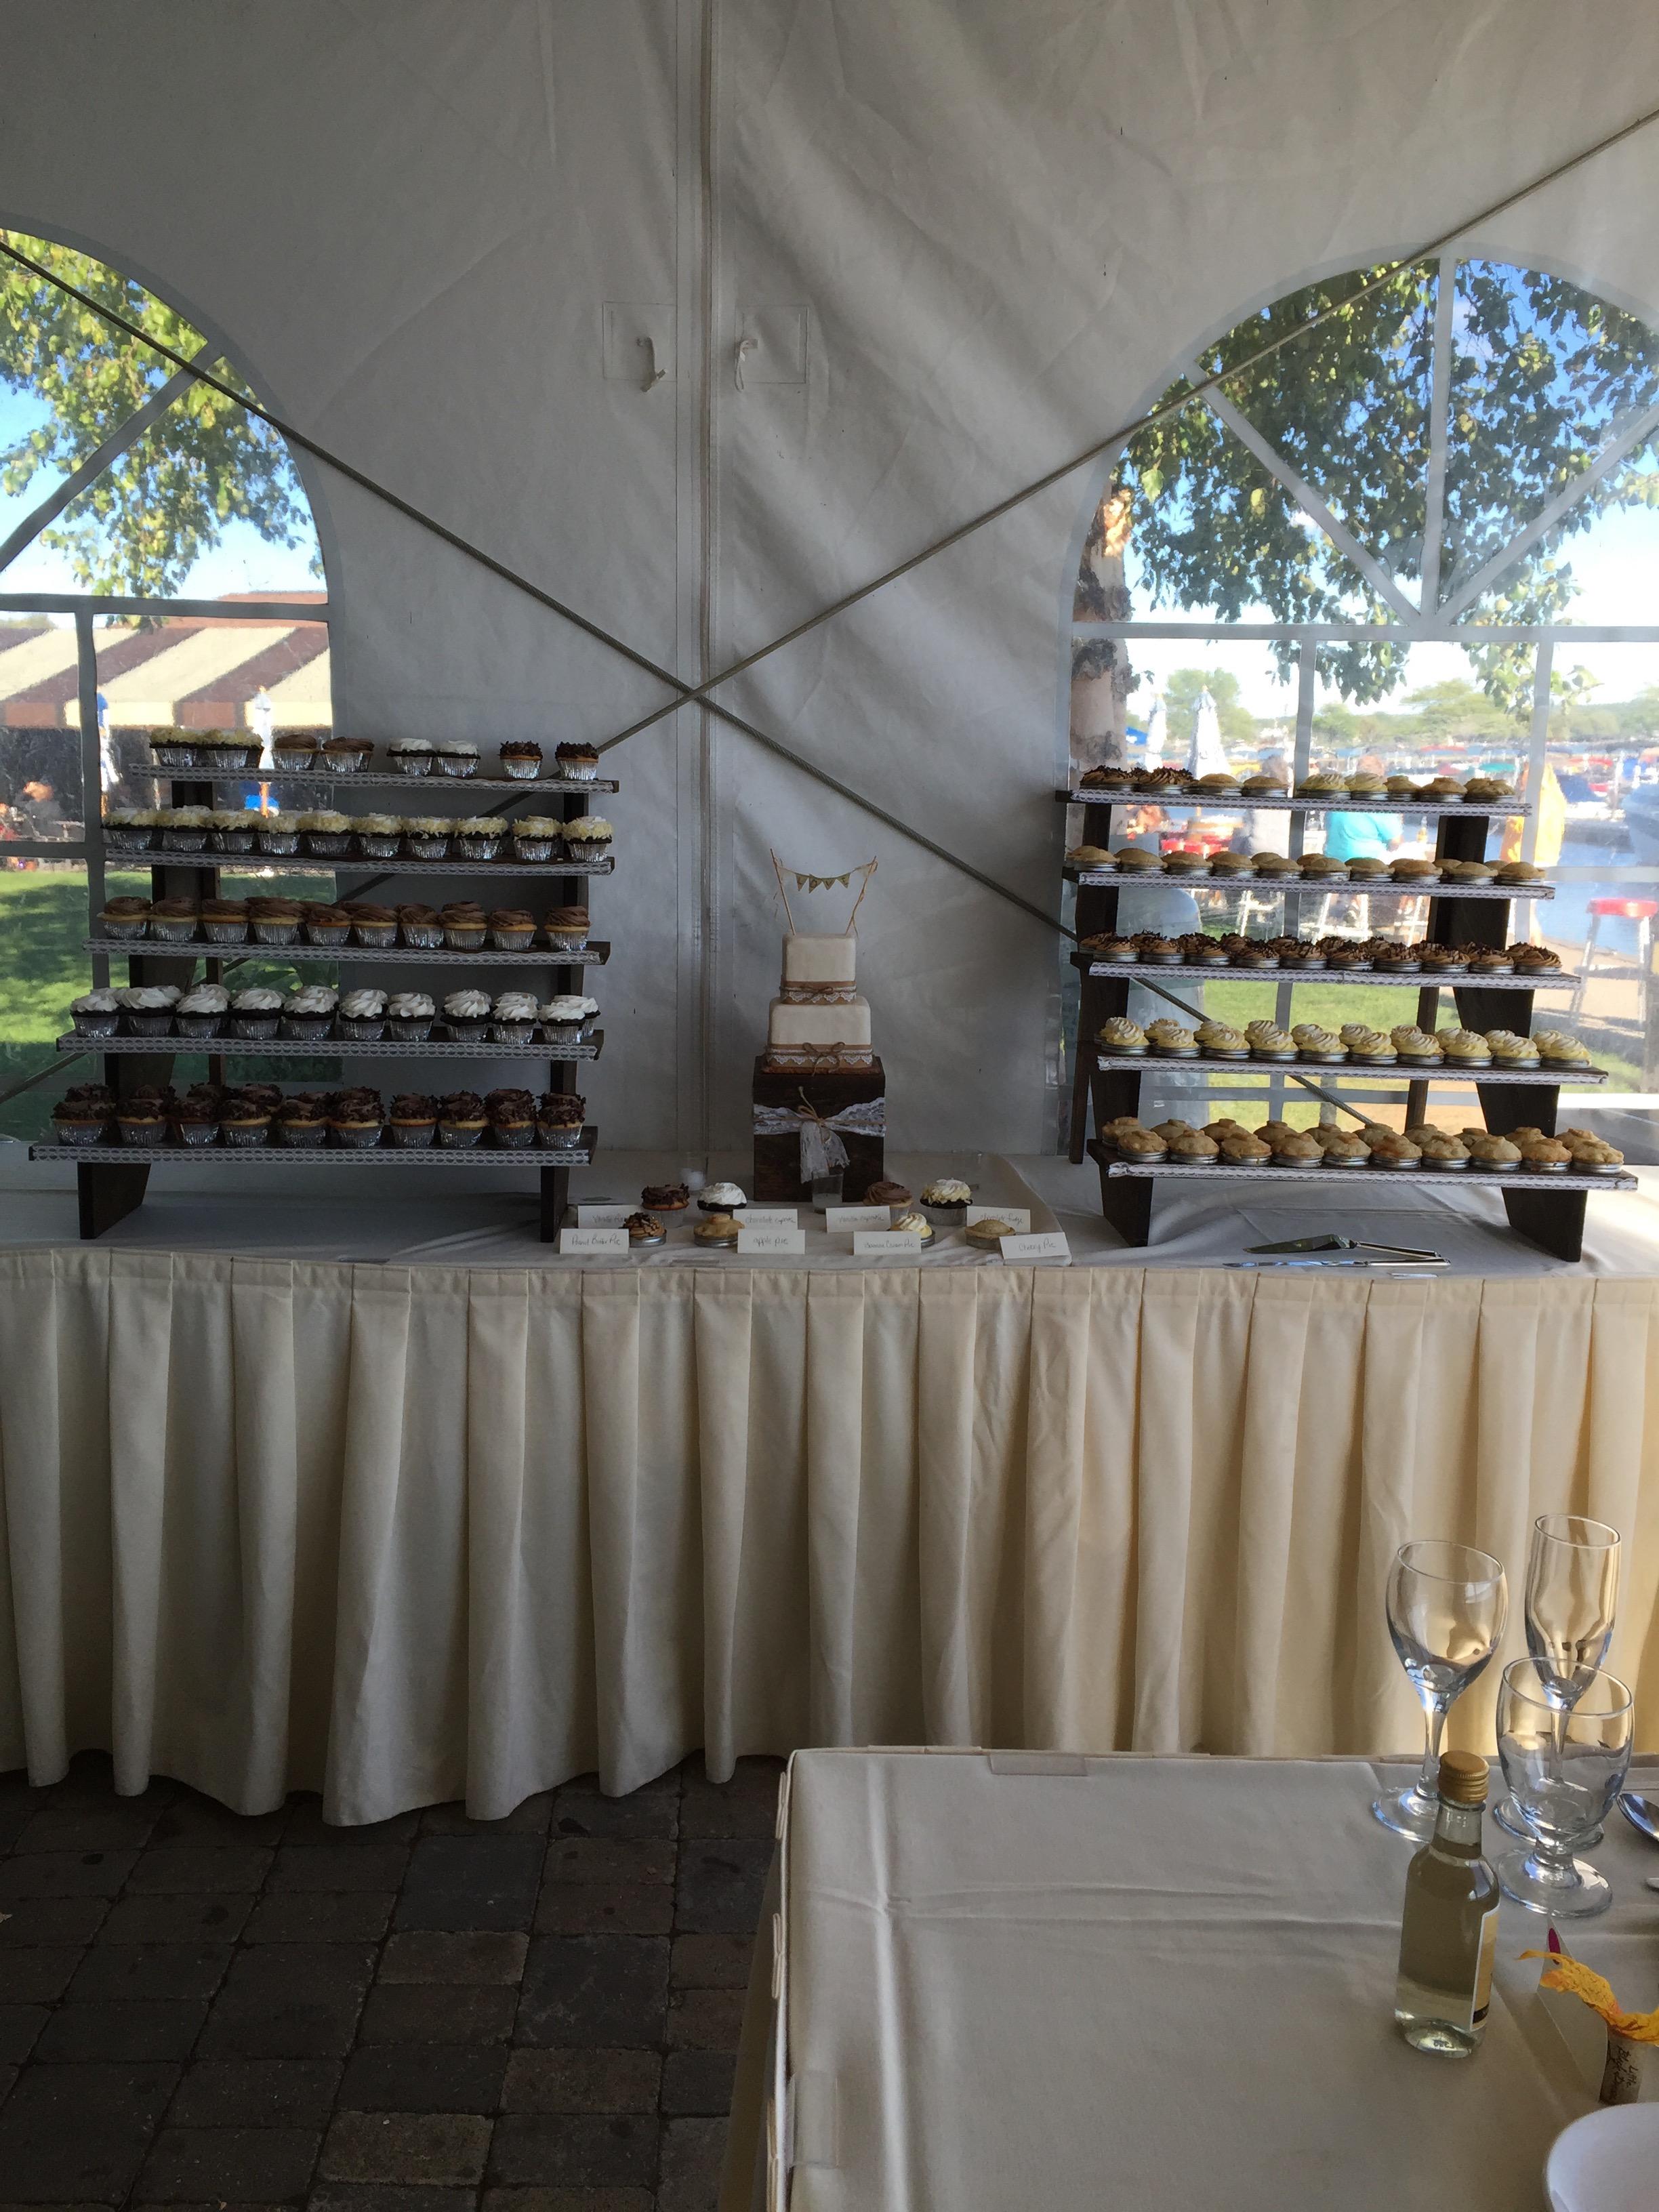 Wedding Cake wCupcakes, Pies2 Display Full